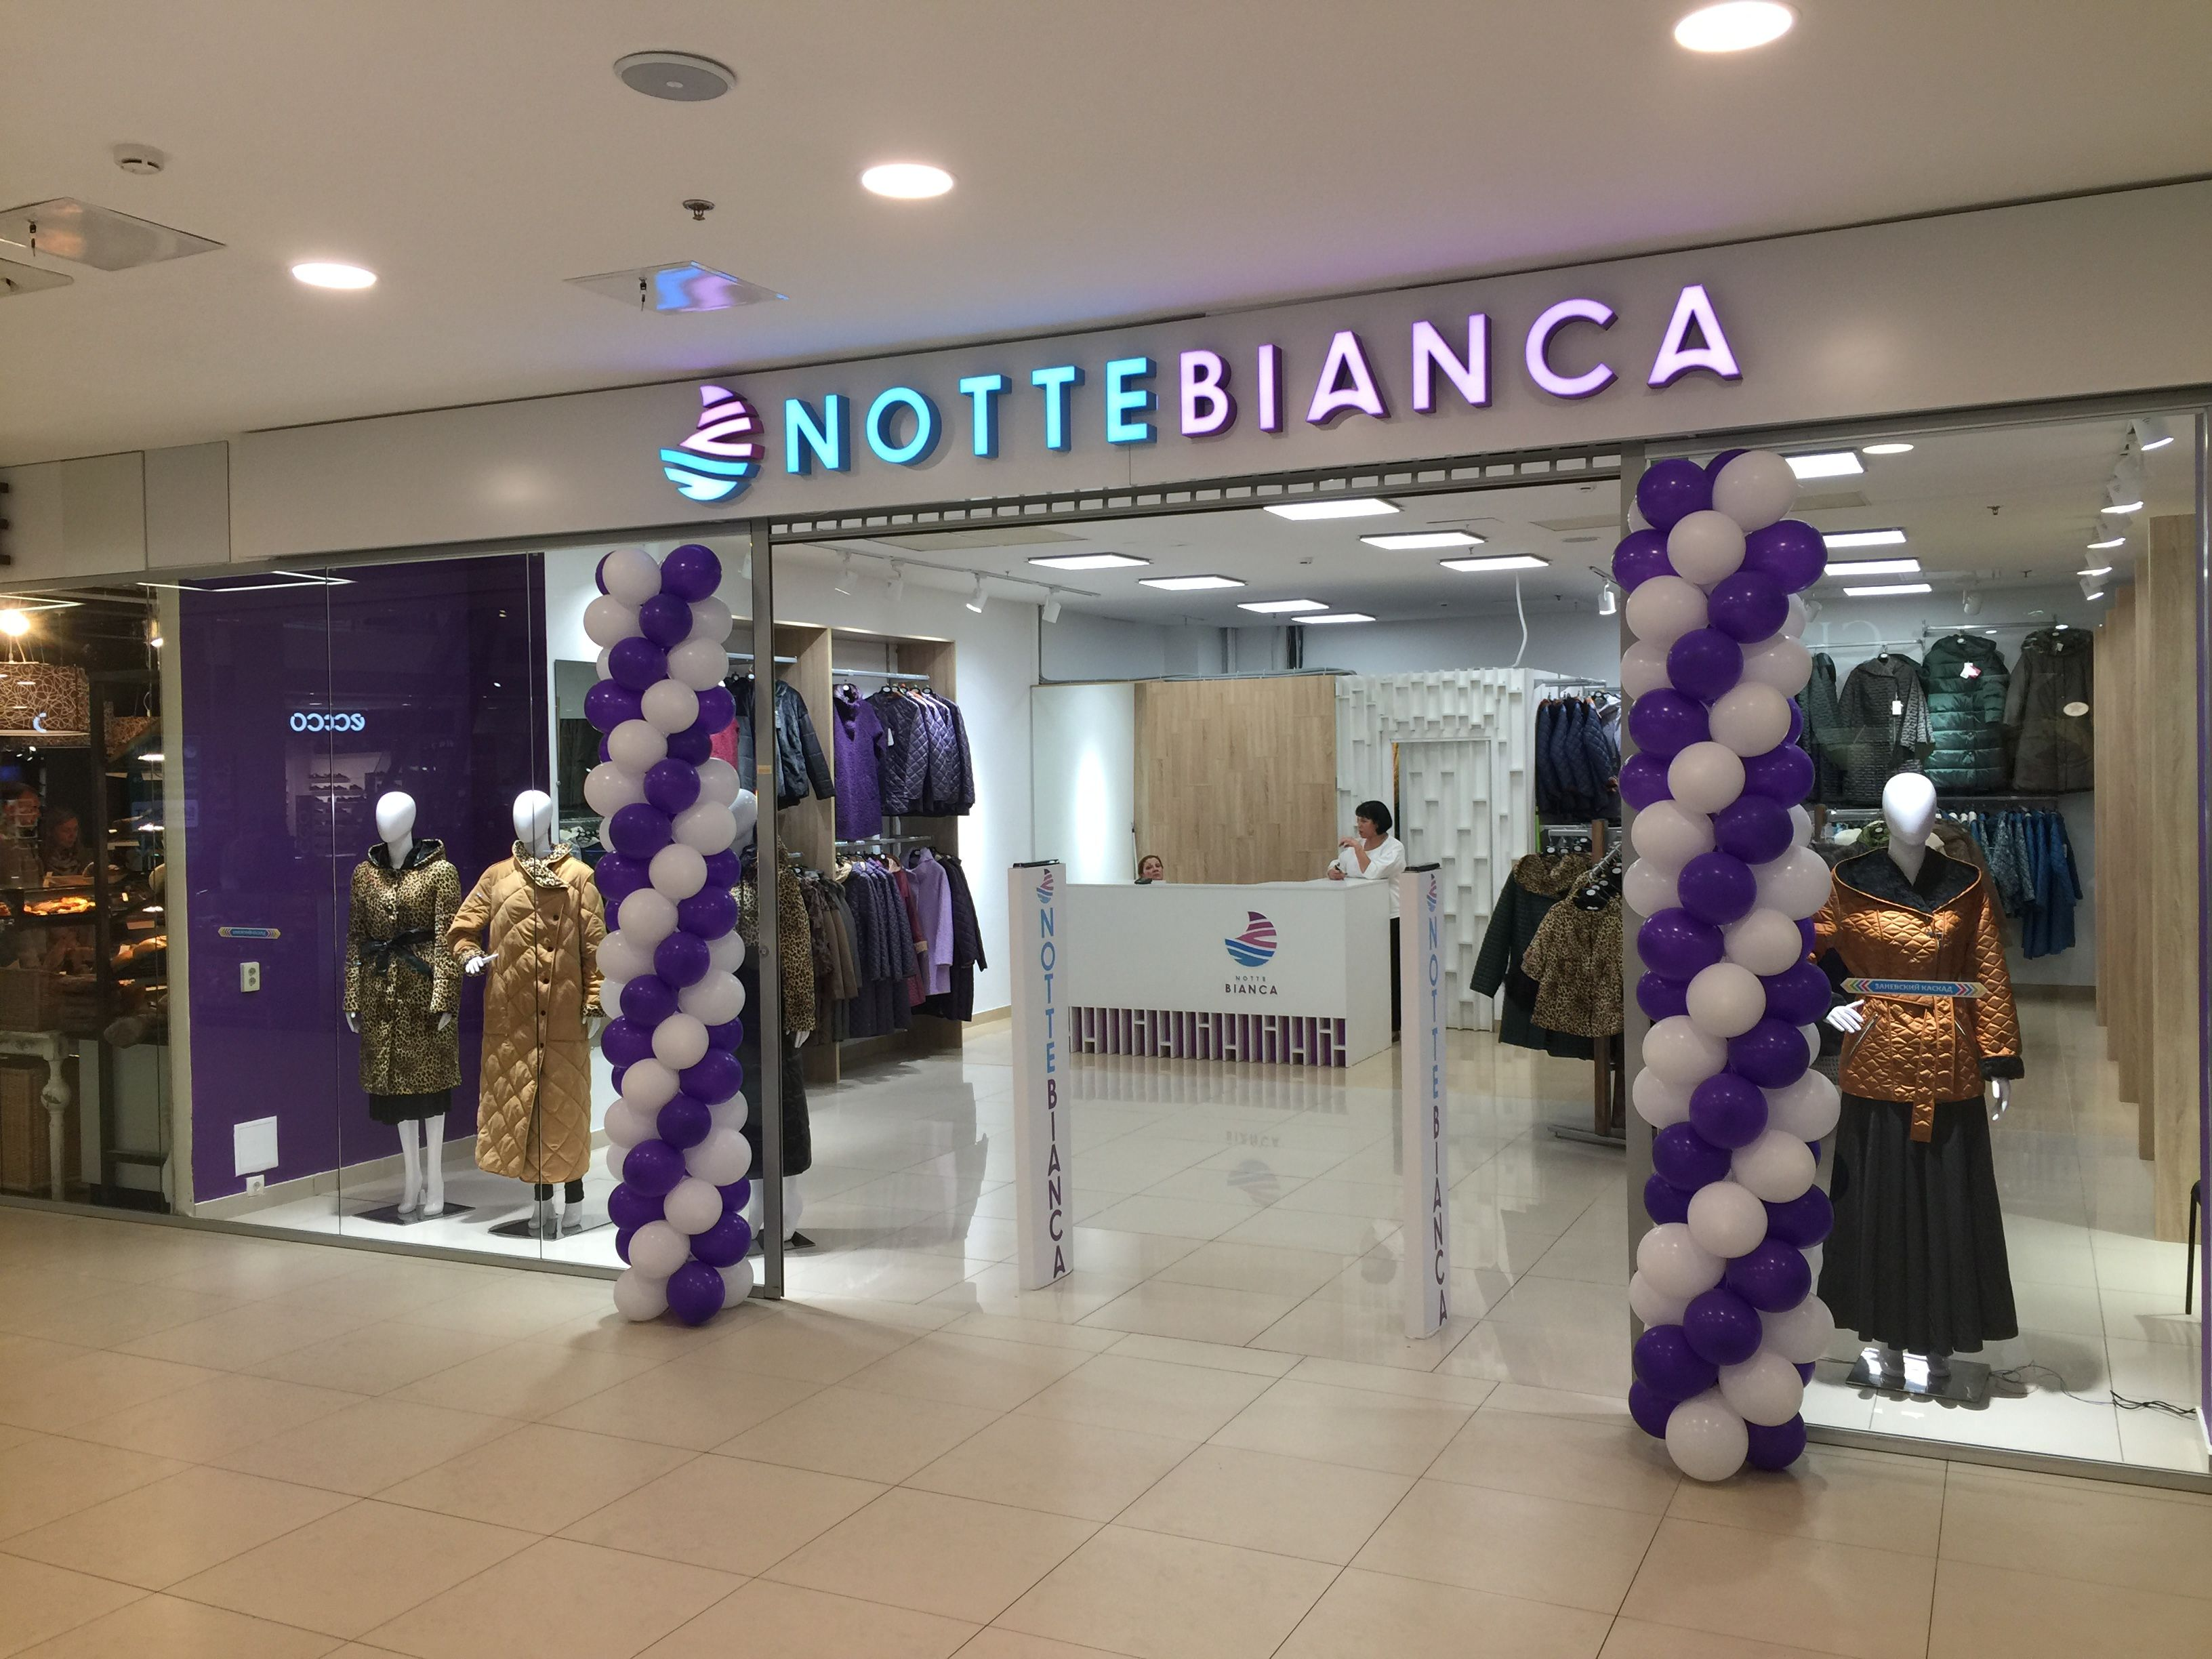 Объёмные световые буквы, дизайн, проектирование, магазин, одежда, NOTTE BIANCA, логотип